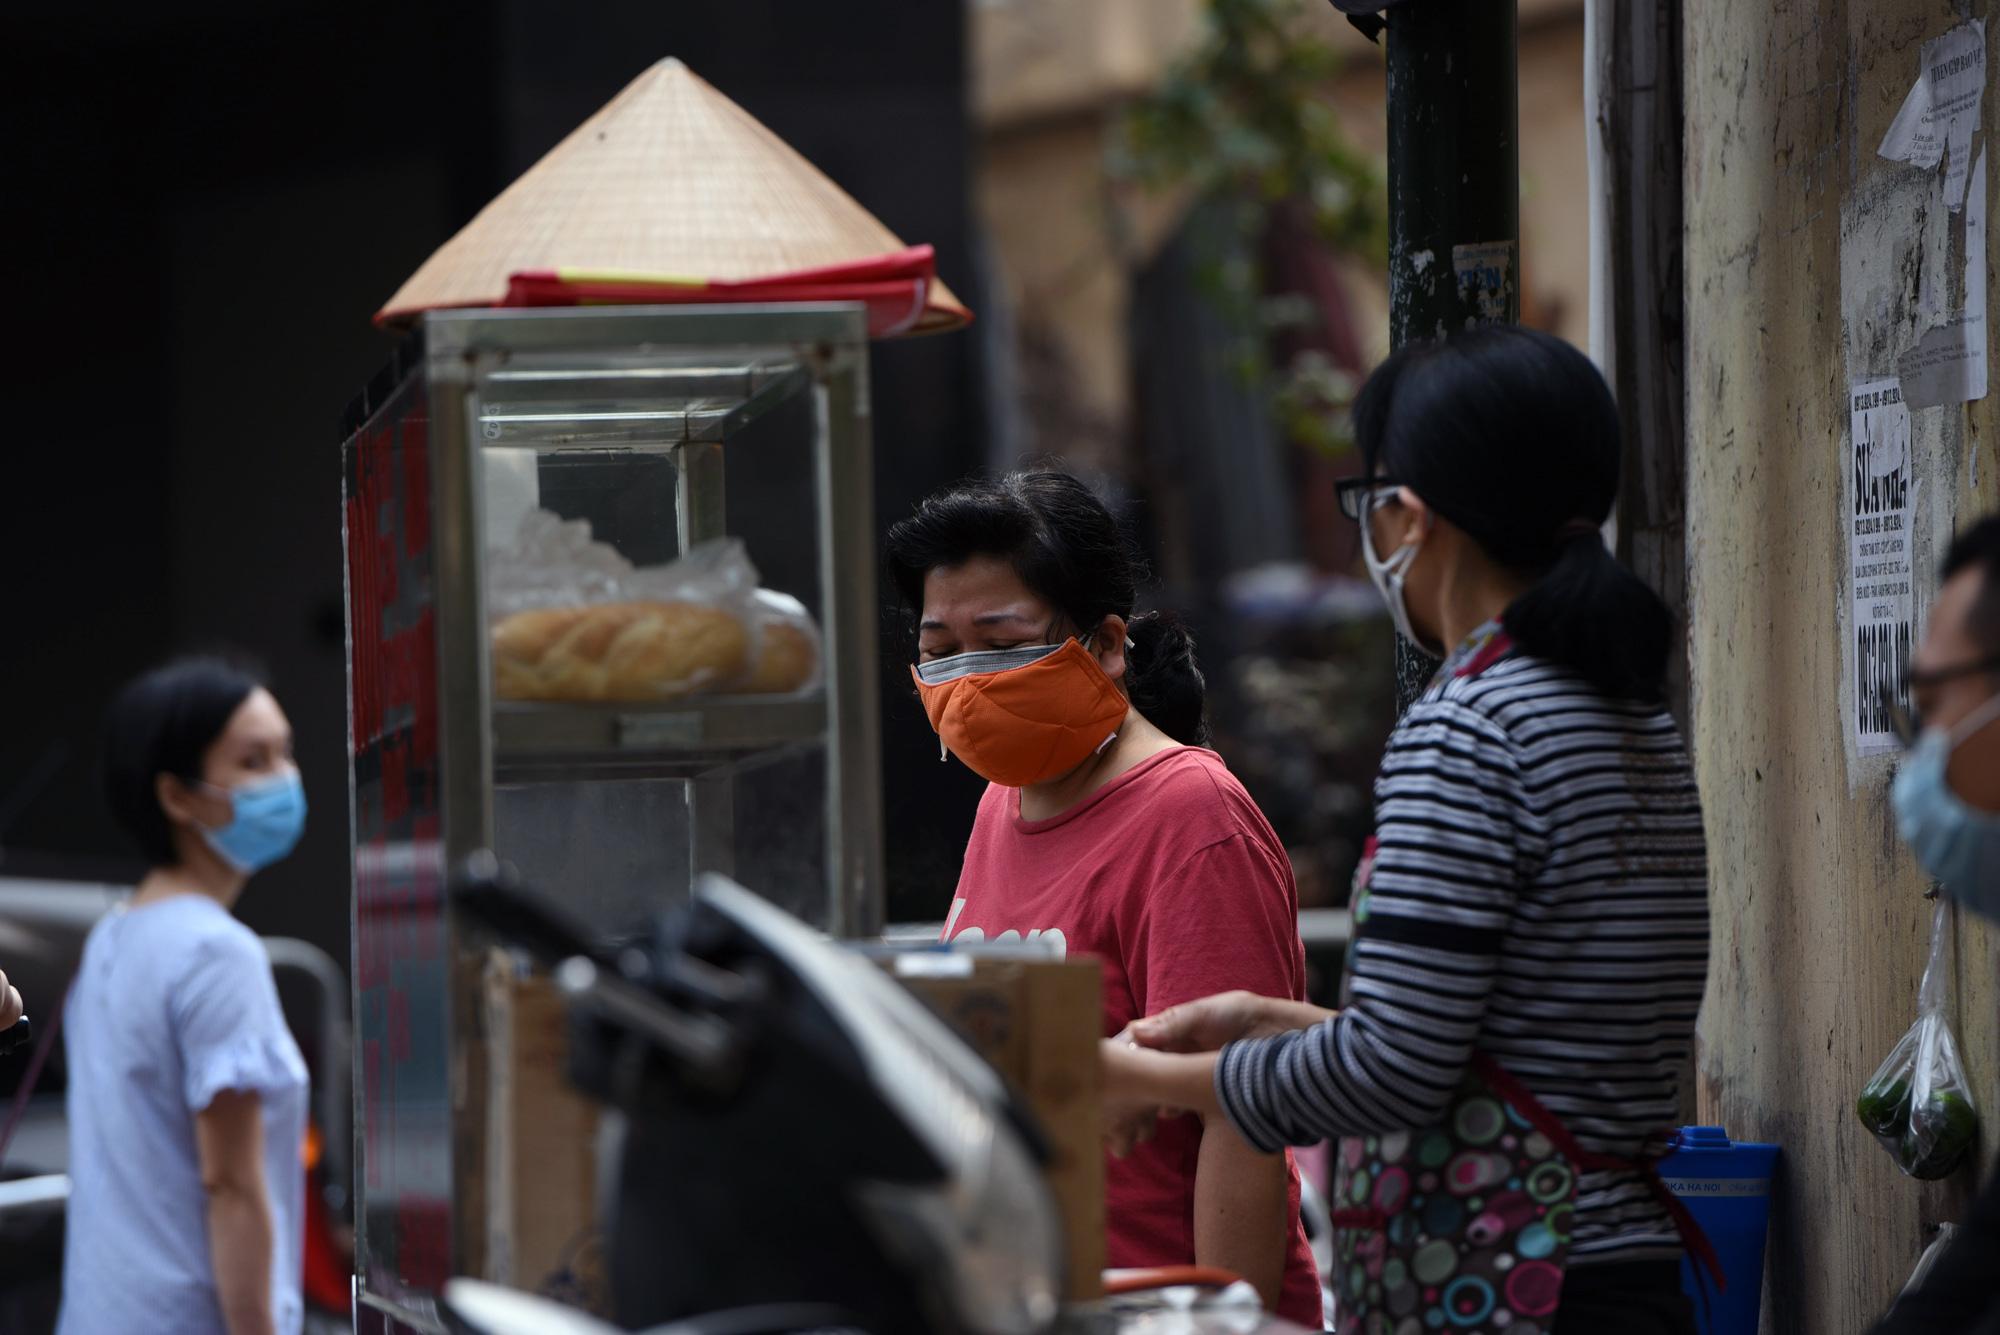 Hà Nội giữa dịch Covid-19: Người dân mặc áo mưa đi mua hàng, nhiều quán cà phê vẫn mở cửa - Ảnh 9.